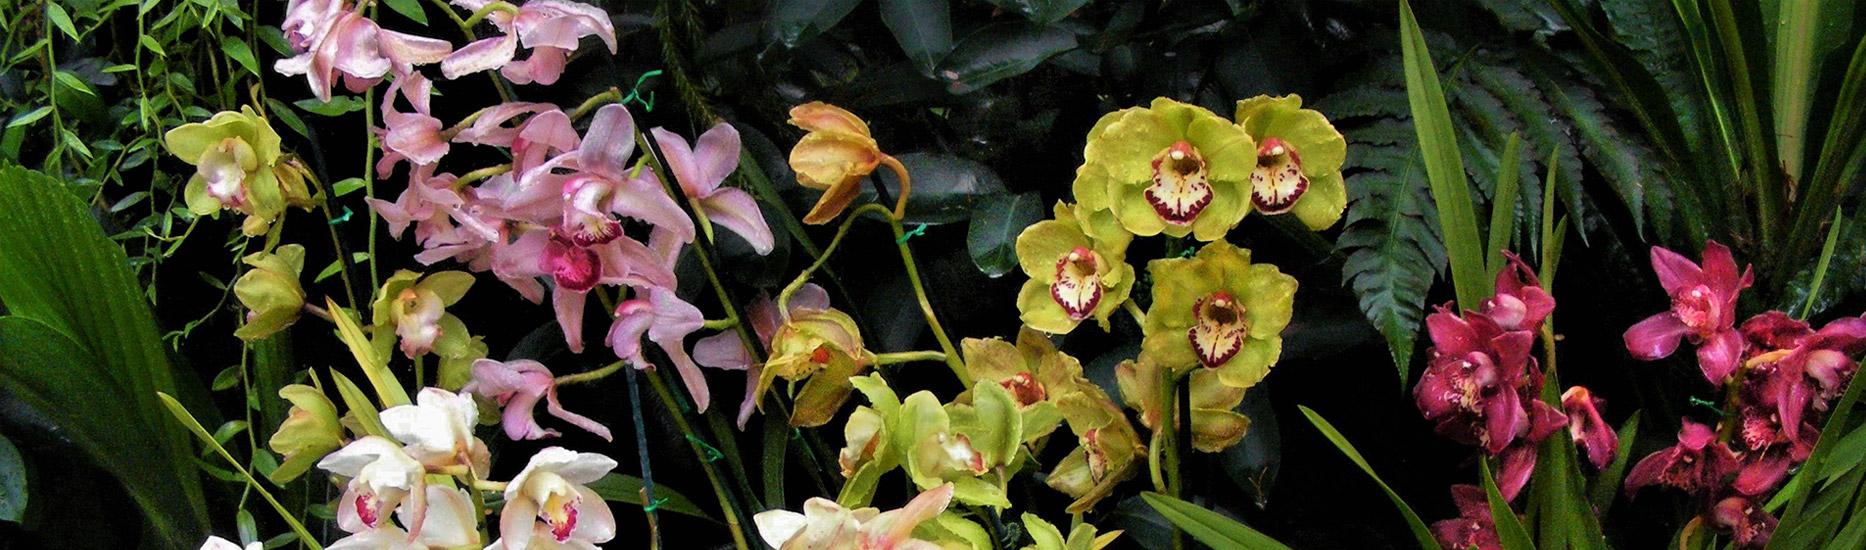 Faszinierende Welt der lustigen Blumen